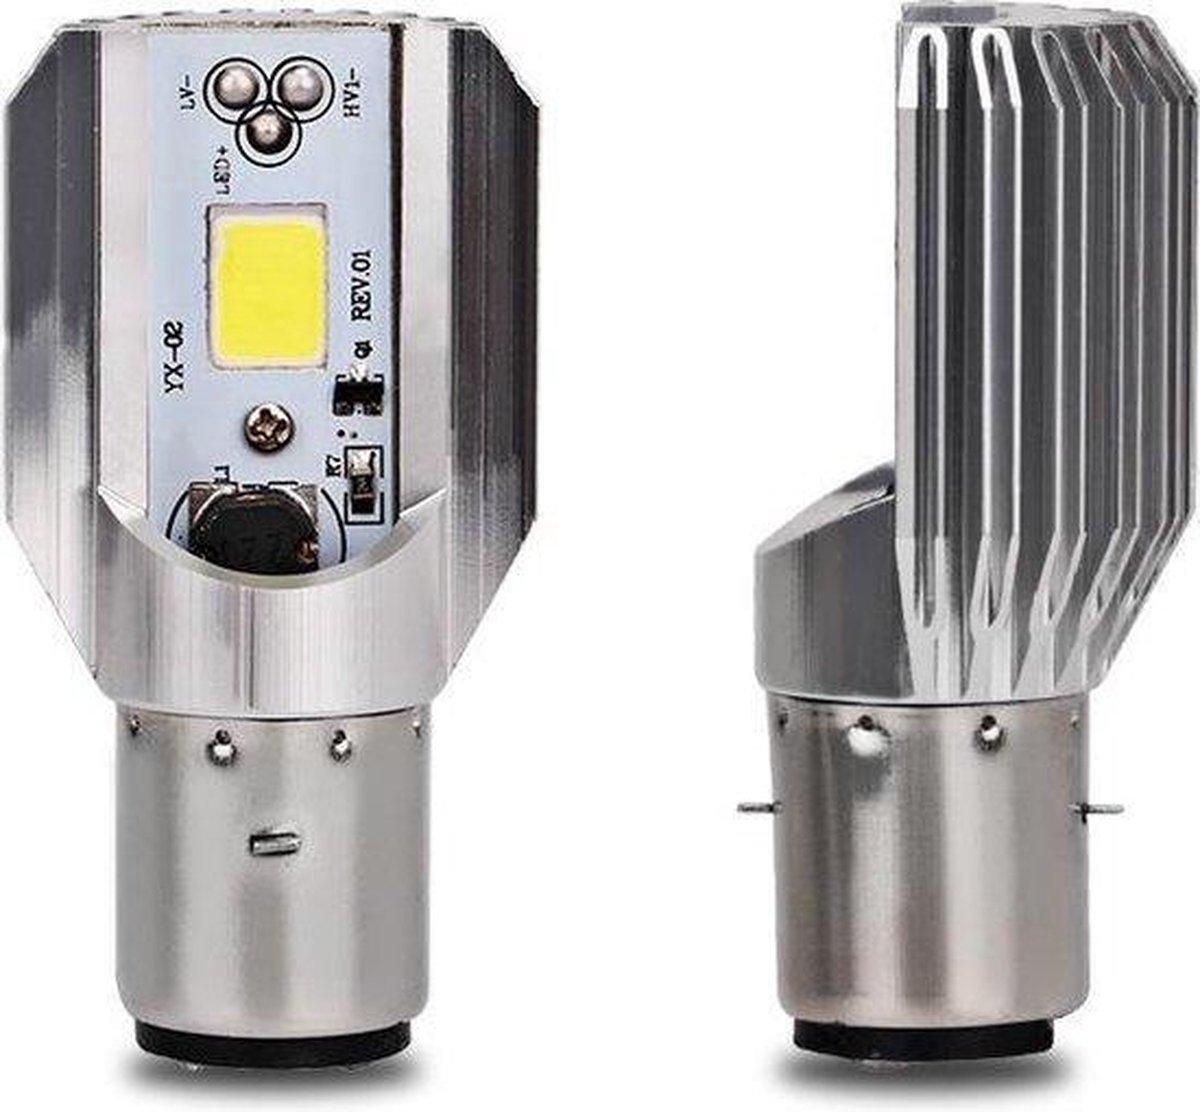 H6 LED Lamp - LED Verlichting - Koplamp/Mistlamp - Auto/Scooter/Motor - BA20D - 12V - 4.2 Watt - 100